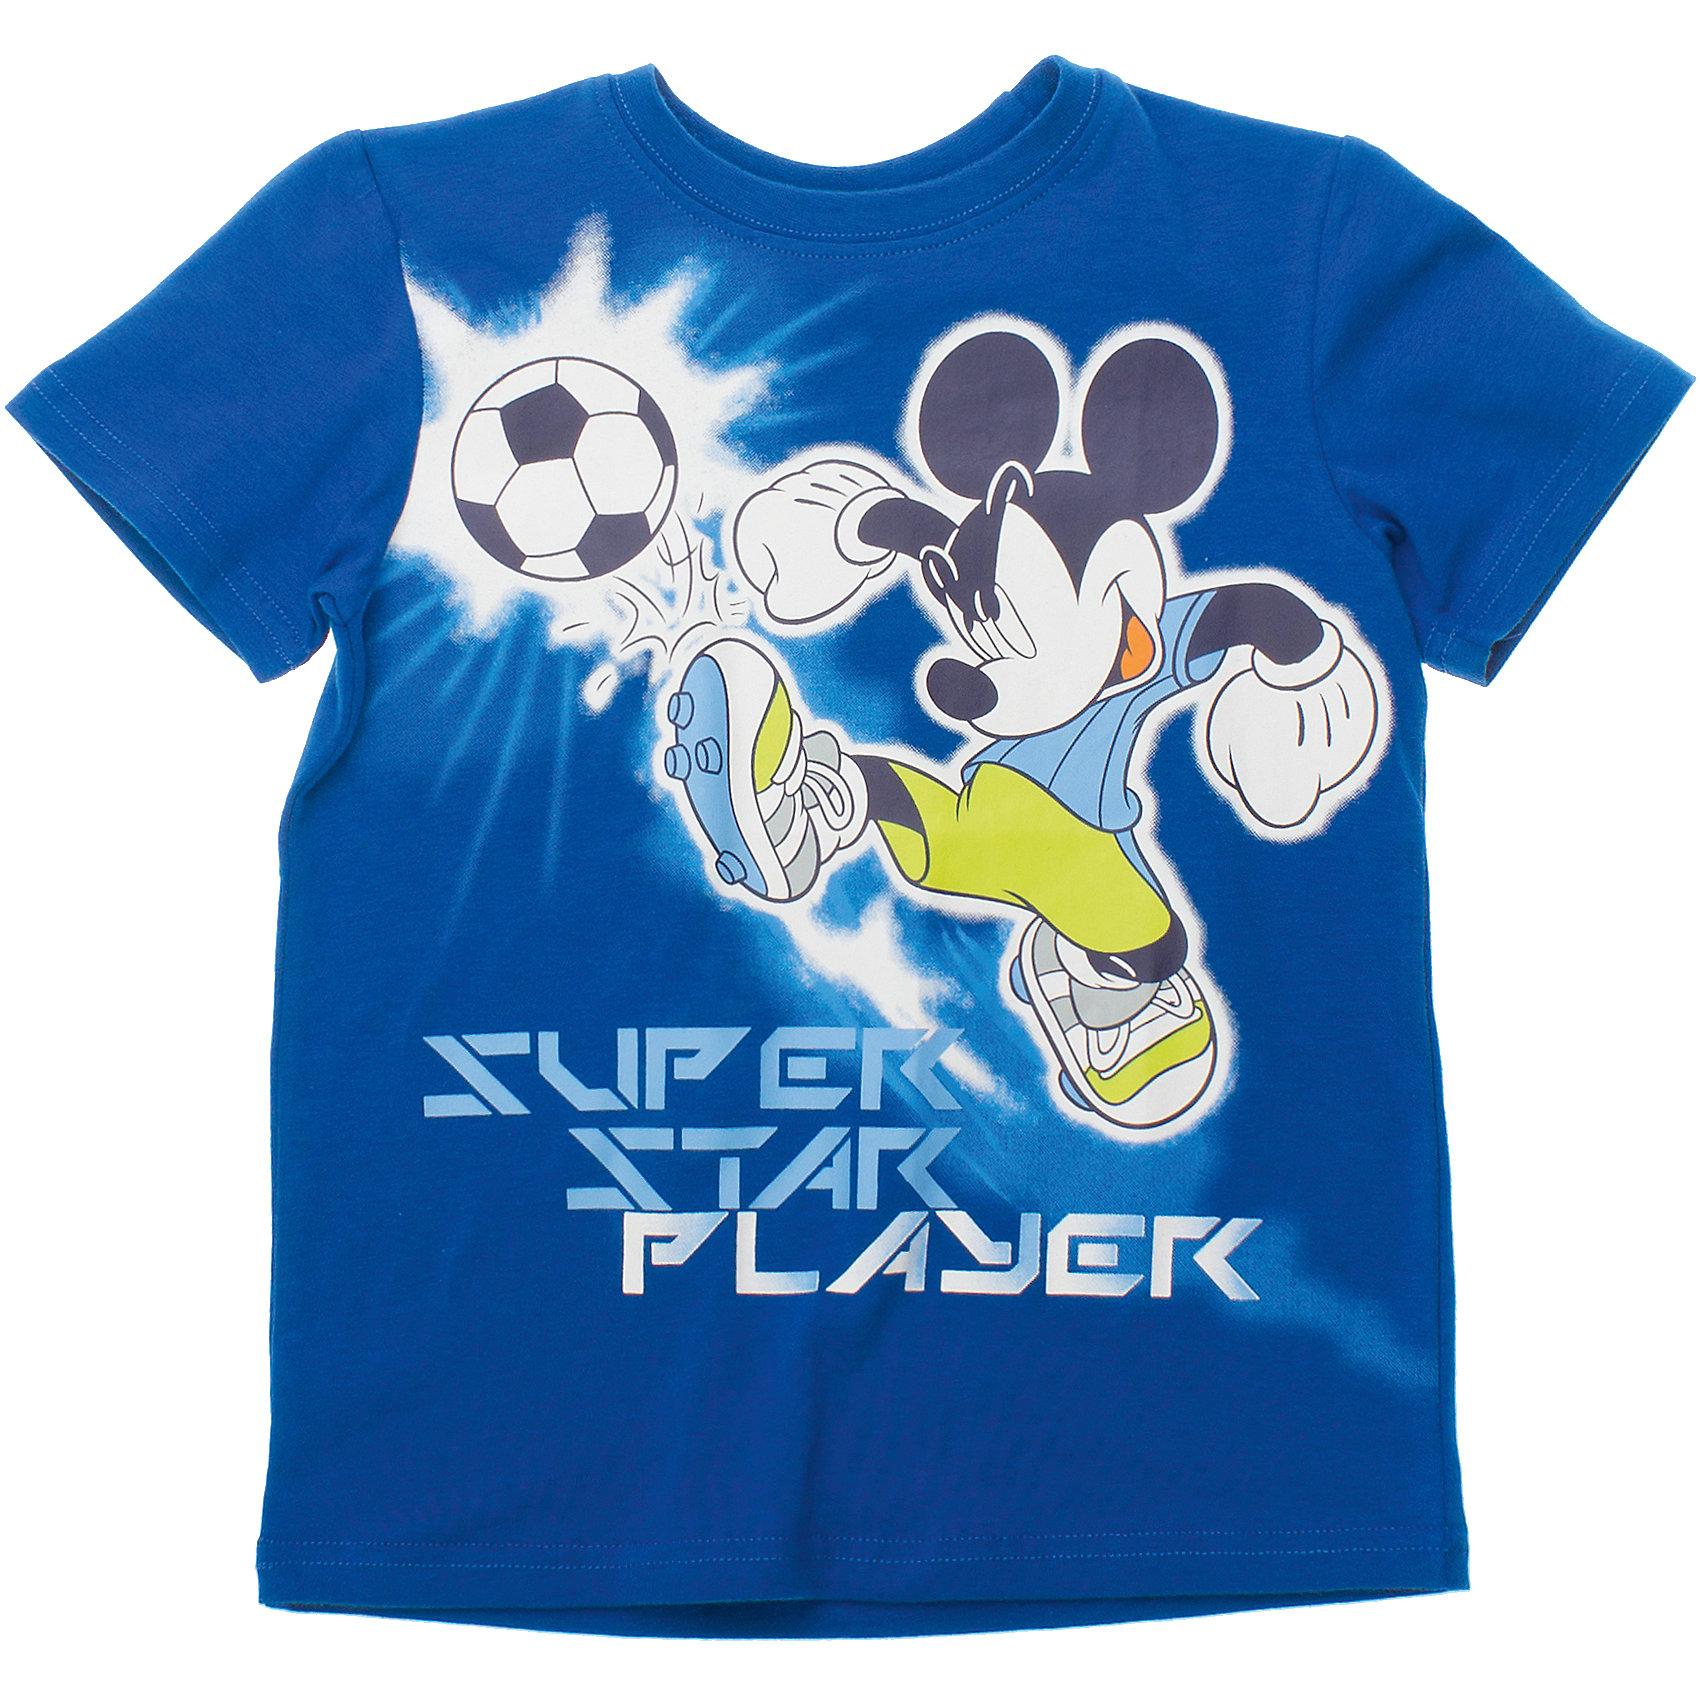 Футболка для мальчика PlayTodayФутболки, поло и топы<br>Футболка для мальчика PlayToday <br><br>Состав: 95% хлопок, 5% эластан <br><br>Яркая футболка в спортивном стиле из органического хлопка. <br>Принт по лицензии Disney.<br><br>Ширина мм: 199<br>Глубина мм: 10<br>Высота мм: 161<br>Вес г: 151<br>Цвет: синий<br>Возраст от месяцев: 36<br>Возраст до месяцев: 48<br>Пол: Мужской<br>Возраст: Детский<br>Размер: 98,110,116,128,122,104<br>SKU: 4503480